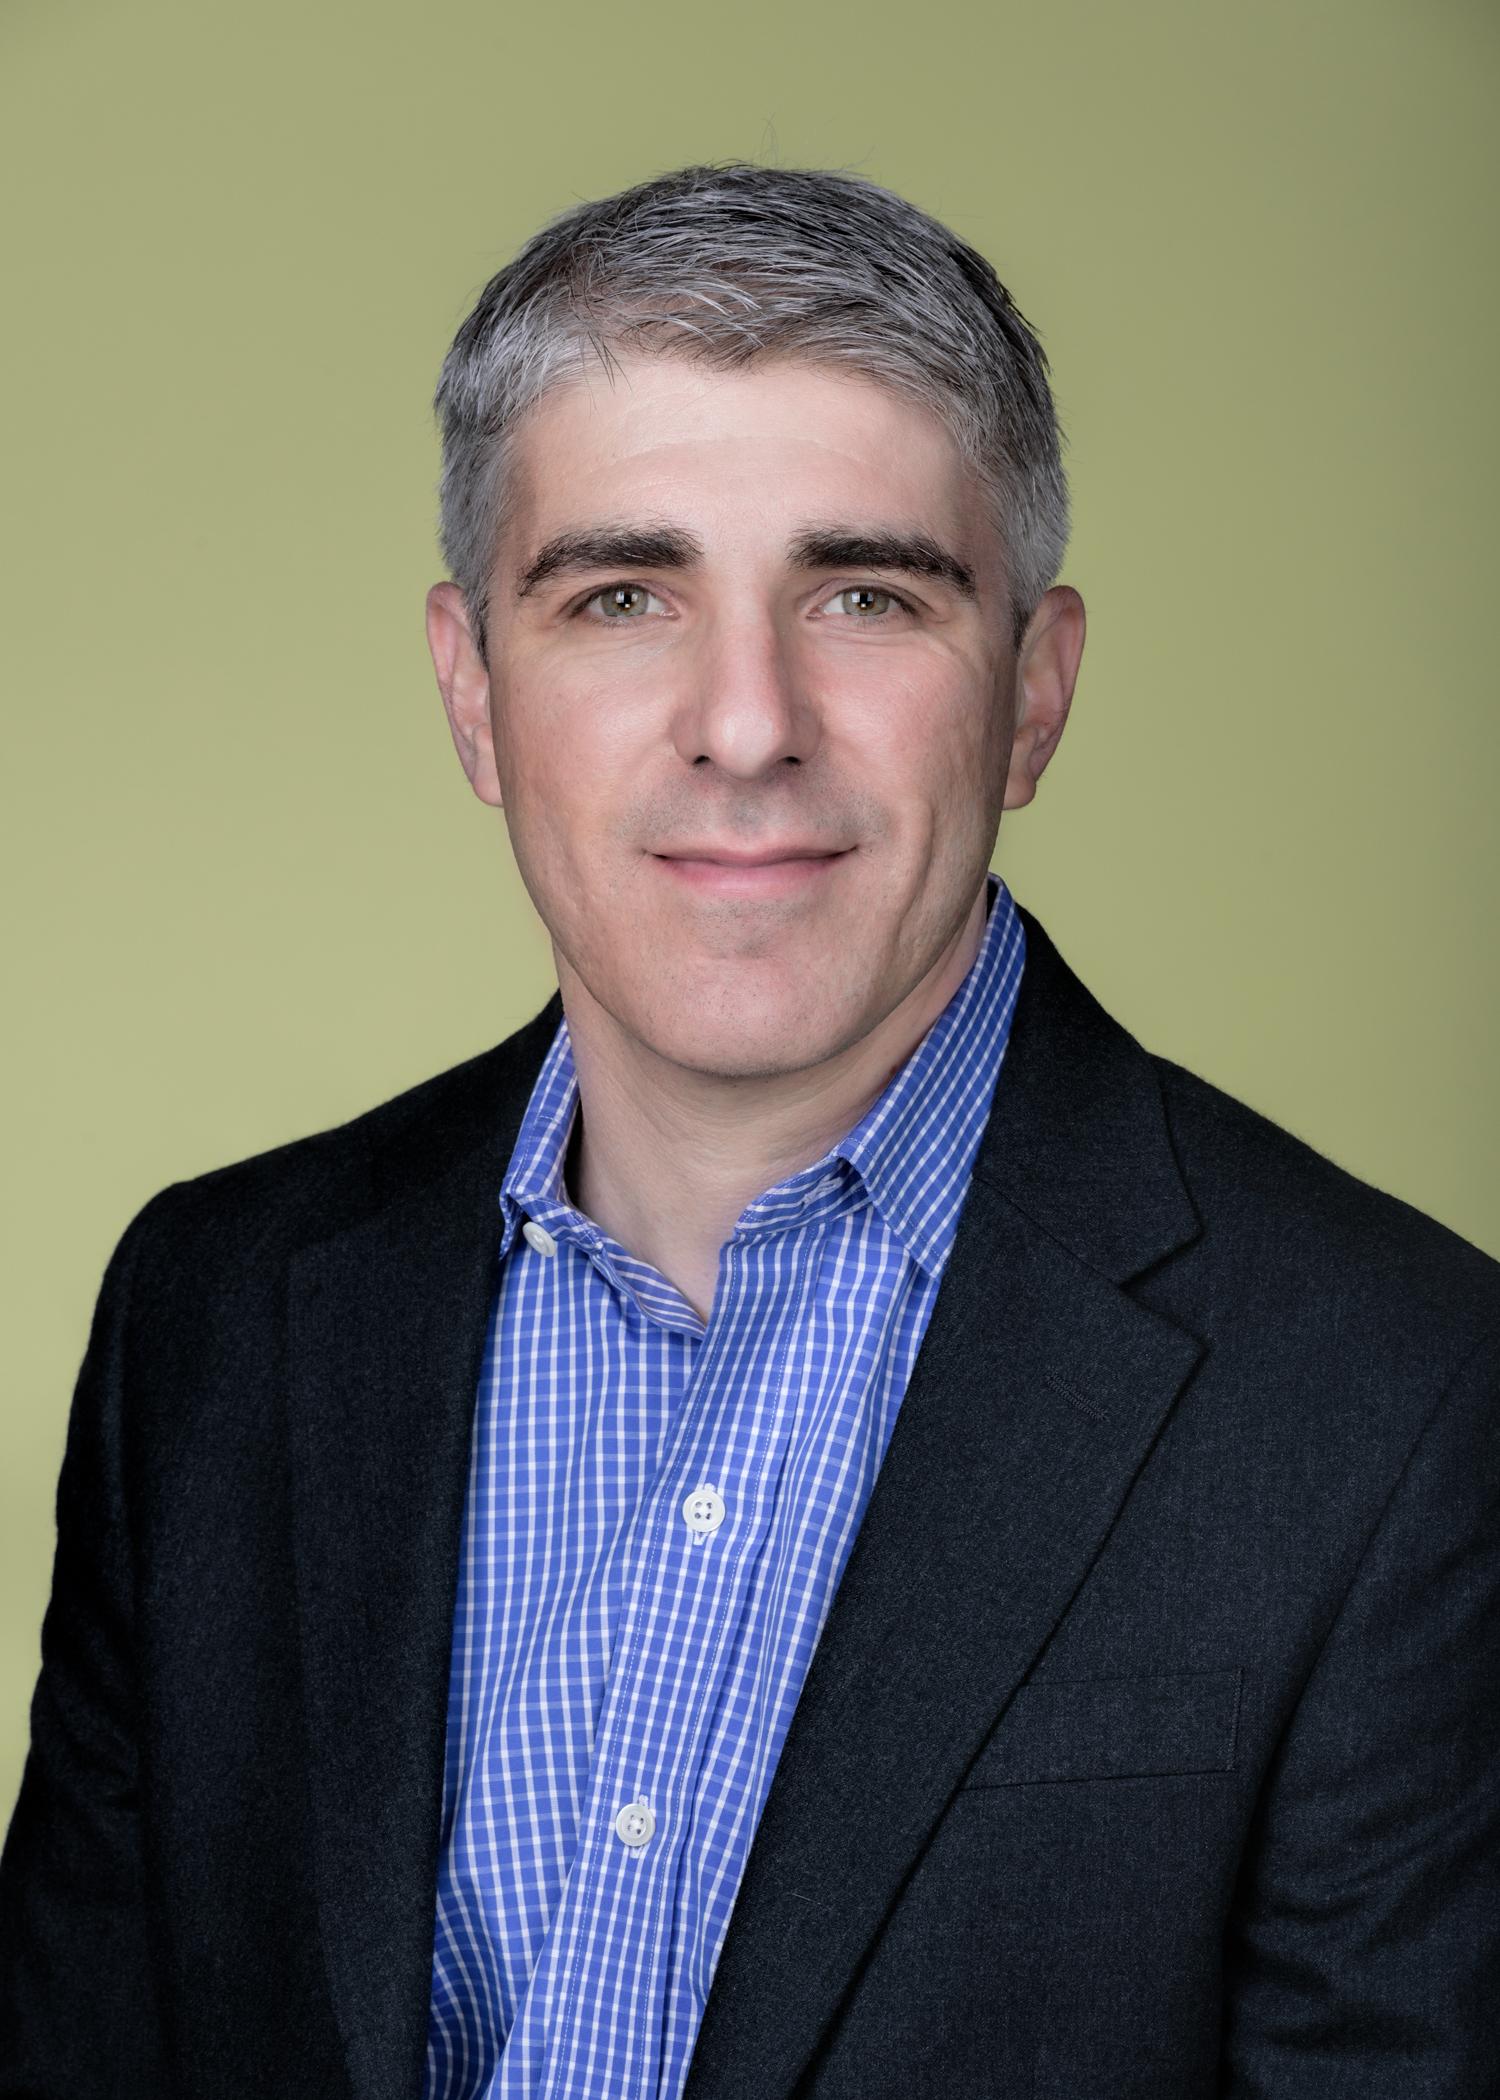 Adam Medros, edX